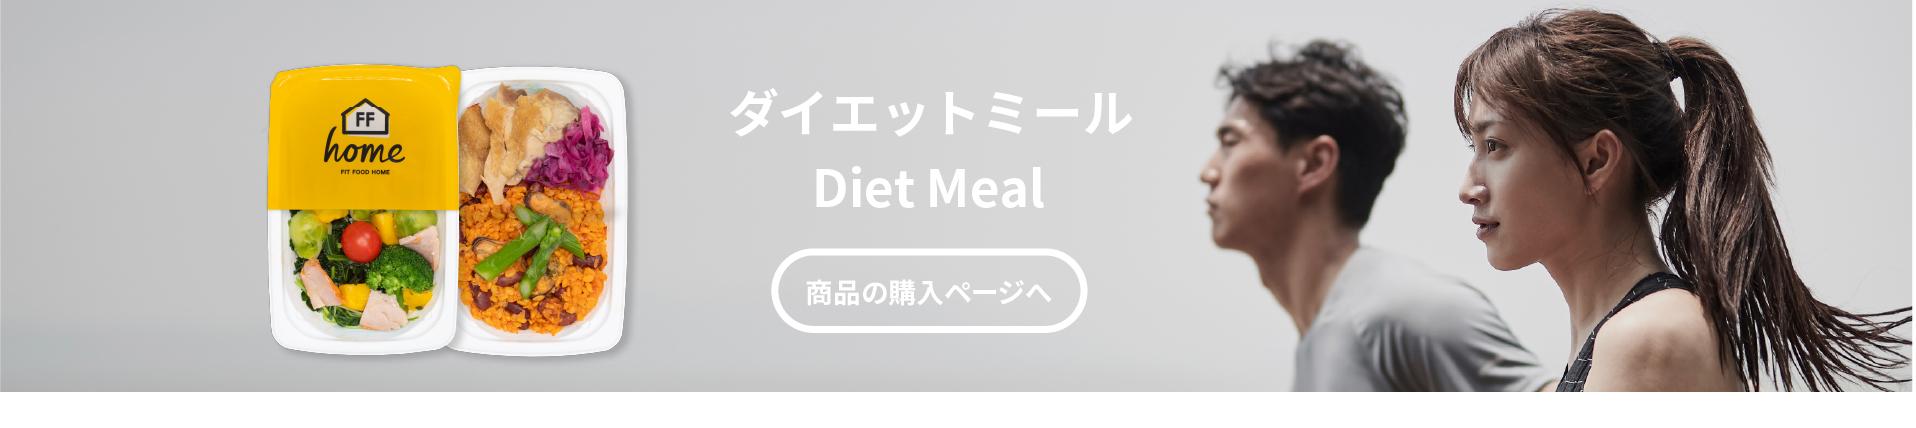 foot banner diet detail